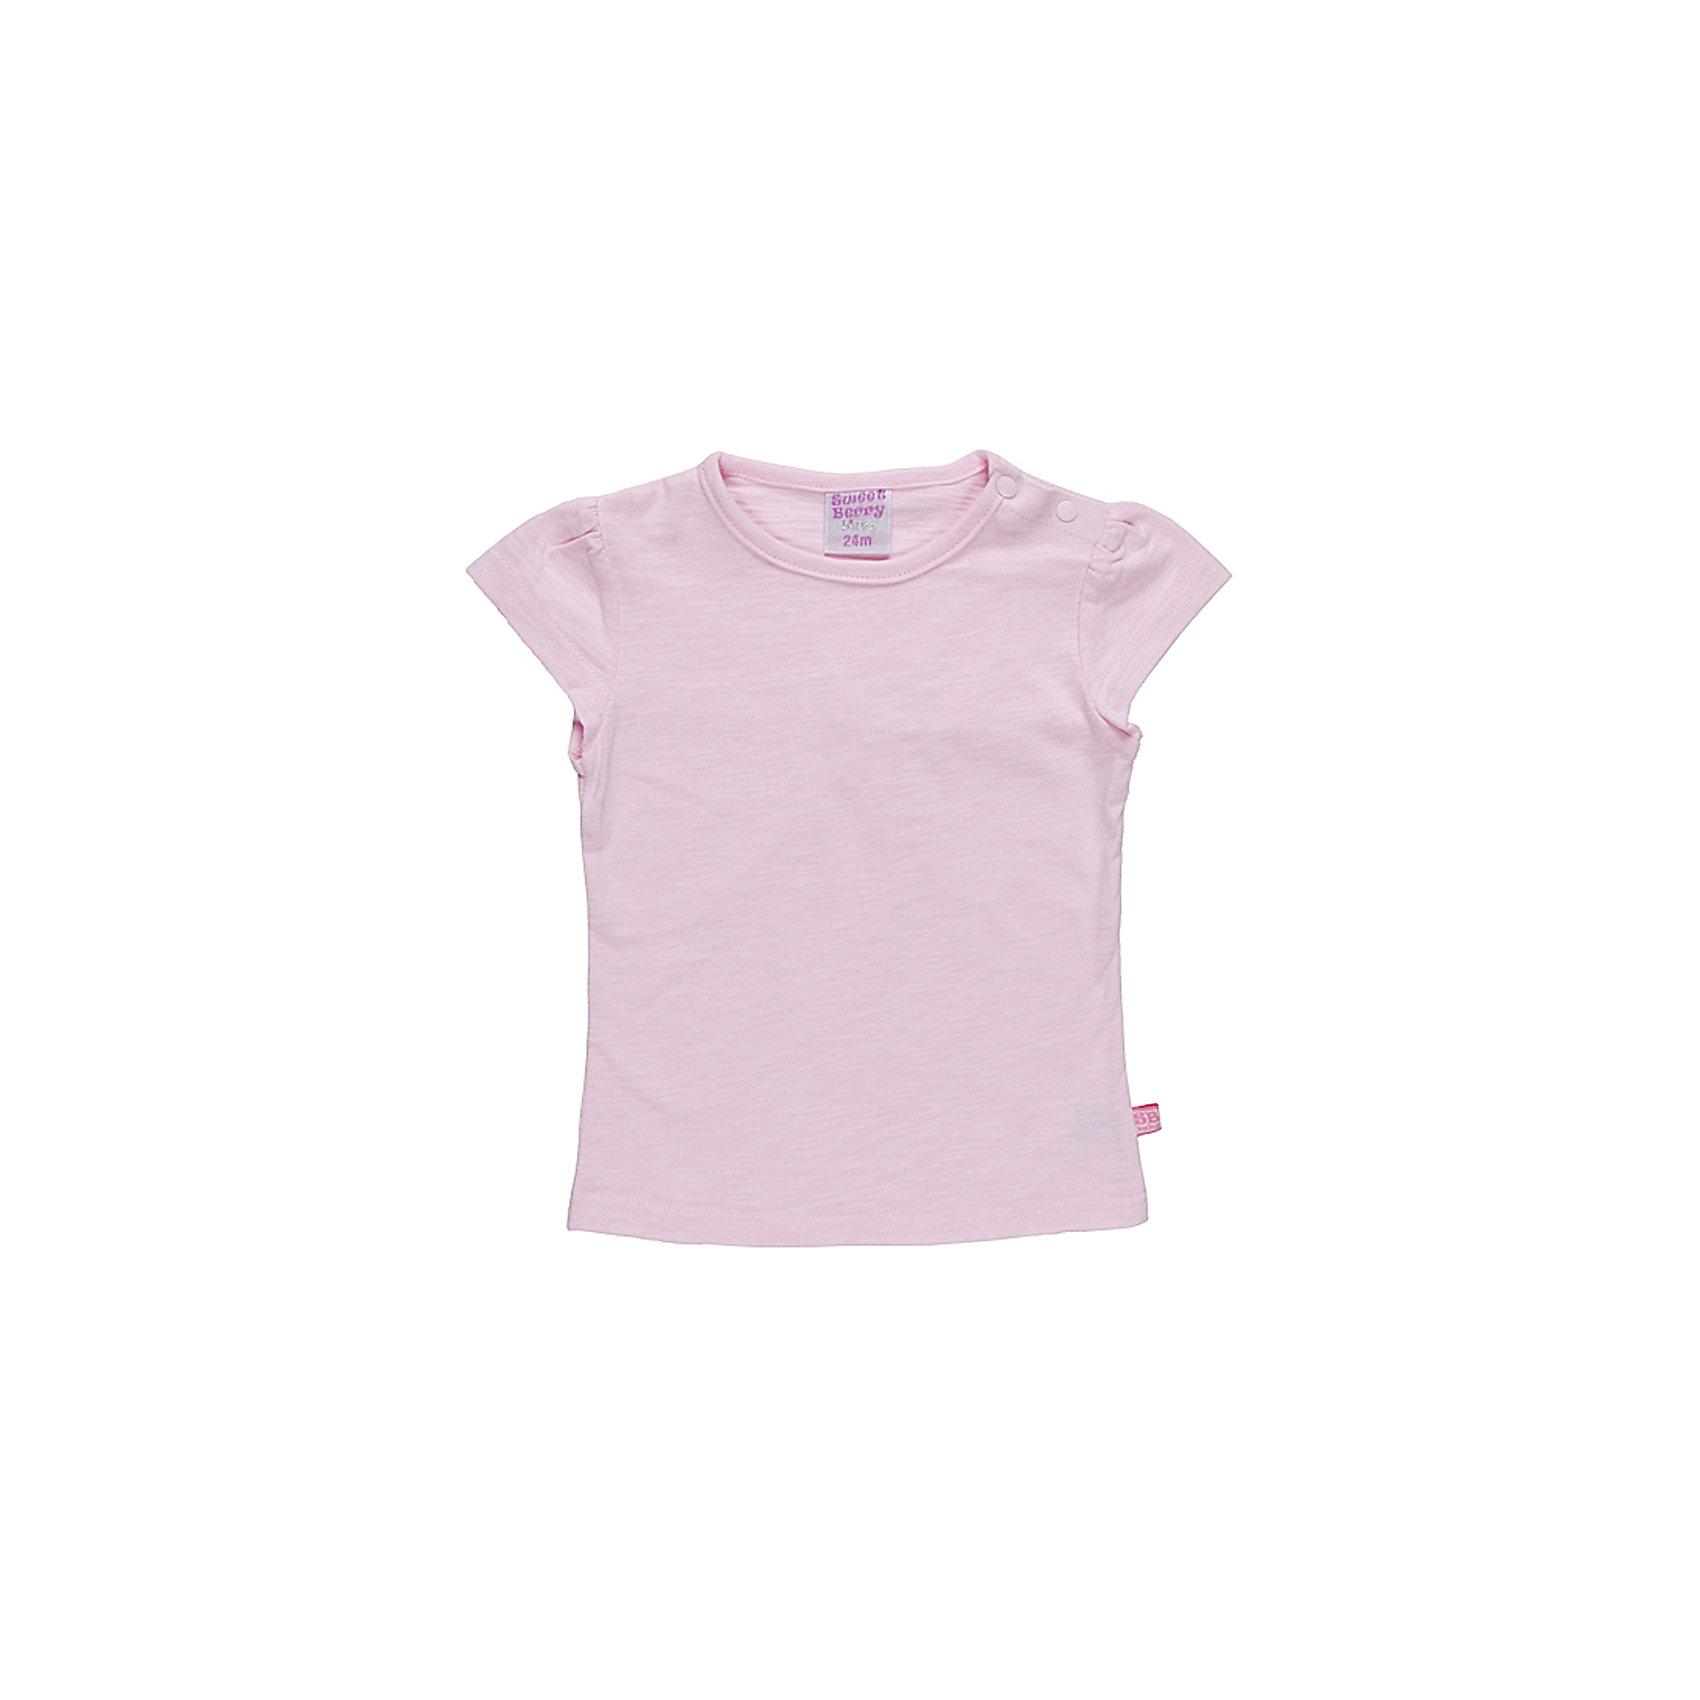 Футболка для девочки Sweet BerryБазовая футболка из эластичного трикотажа. Футболка приталенного силуэта.По рукаву сборка.<br>Состав:<br>100% хлопок<br><br>Ширина мм: 199<br>Глубина мм: 10<br>Высота мм: 161<br>Вес г: 151<br>Цвет: розовый<br>Возраст от месяцев: 24<br>Возраст до месяцев: 36<br>Пол: Женский<br>Возраст: Детский<br>Размер: 92,86,98,80<br>SKU: 4520631